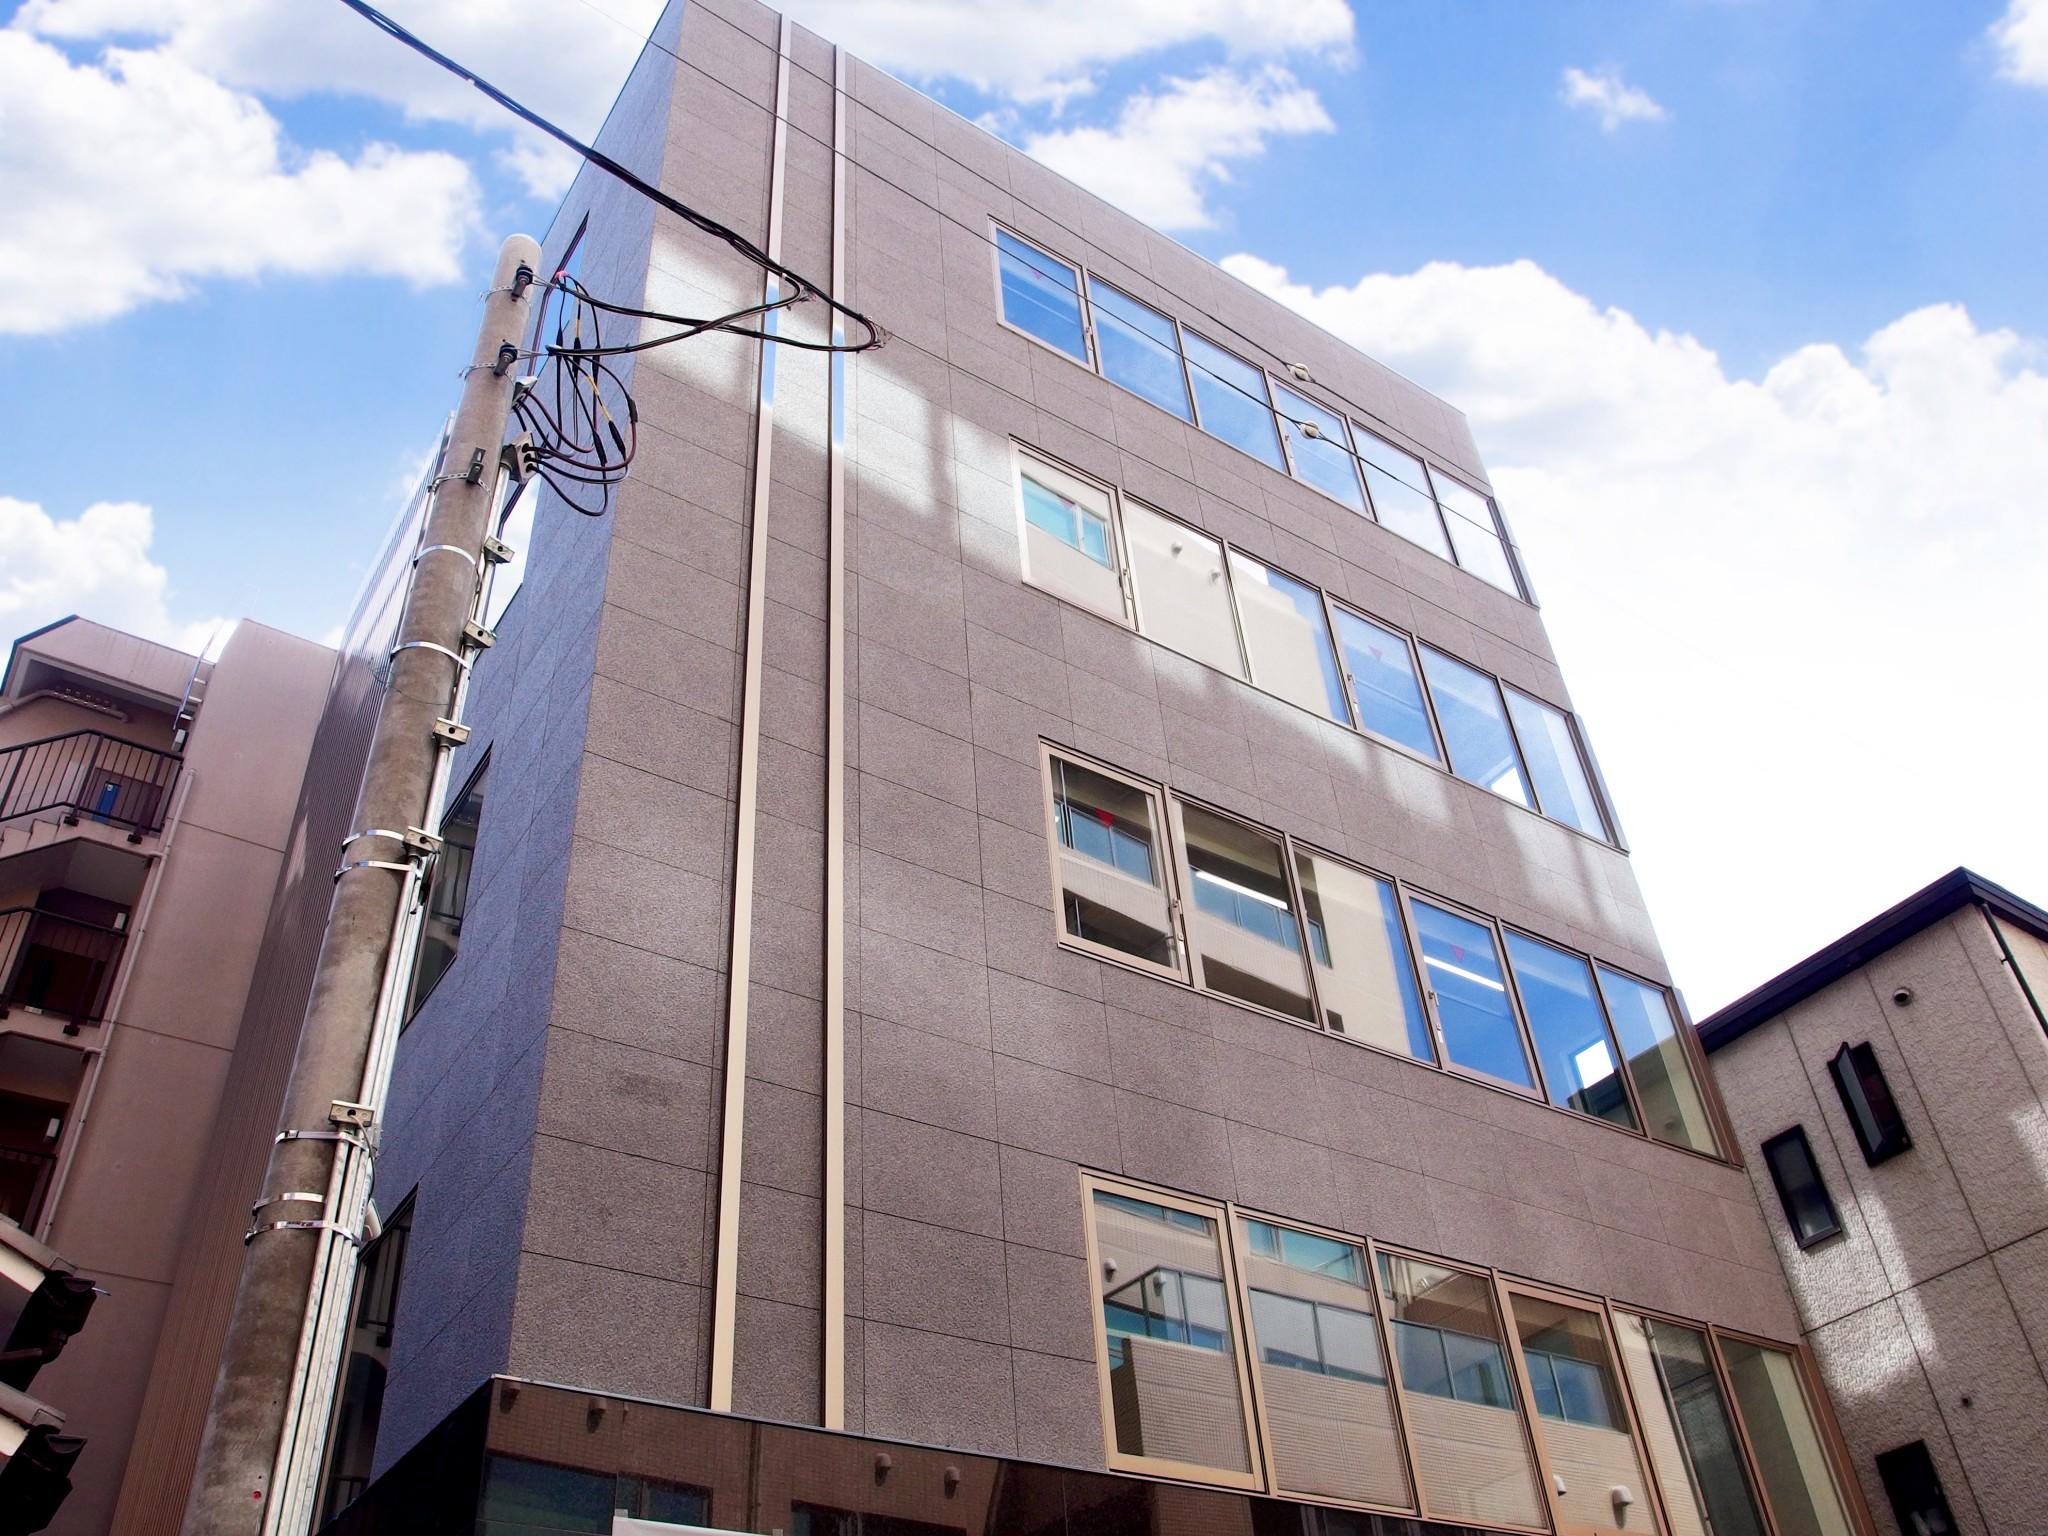 アクアグループ 物件販売実績写真 楠ビル川崎駅前 新築貸店舗・事務所